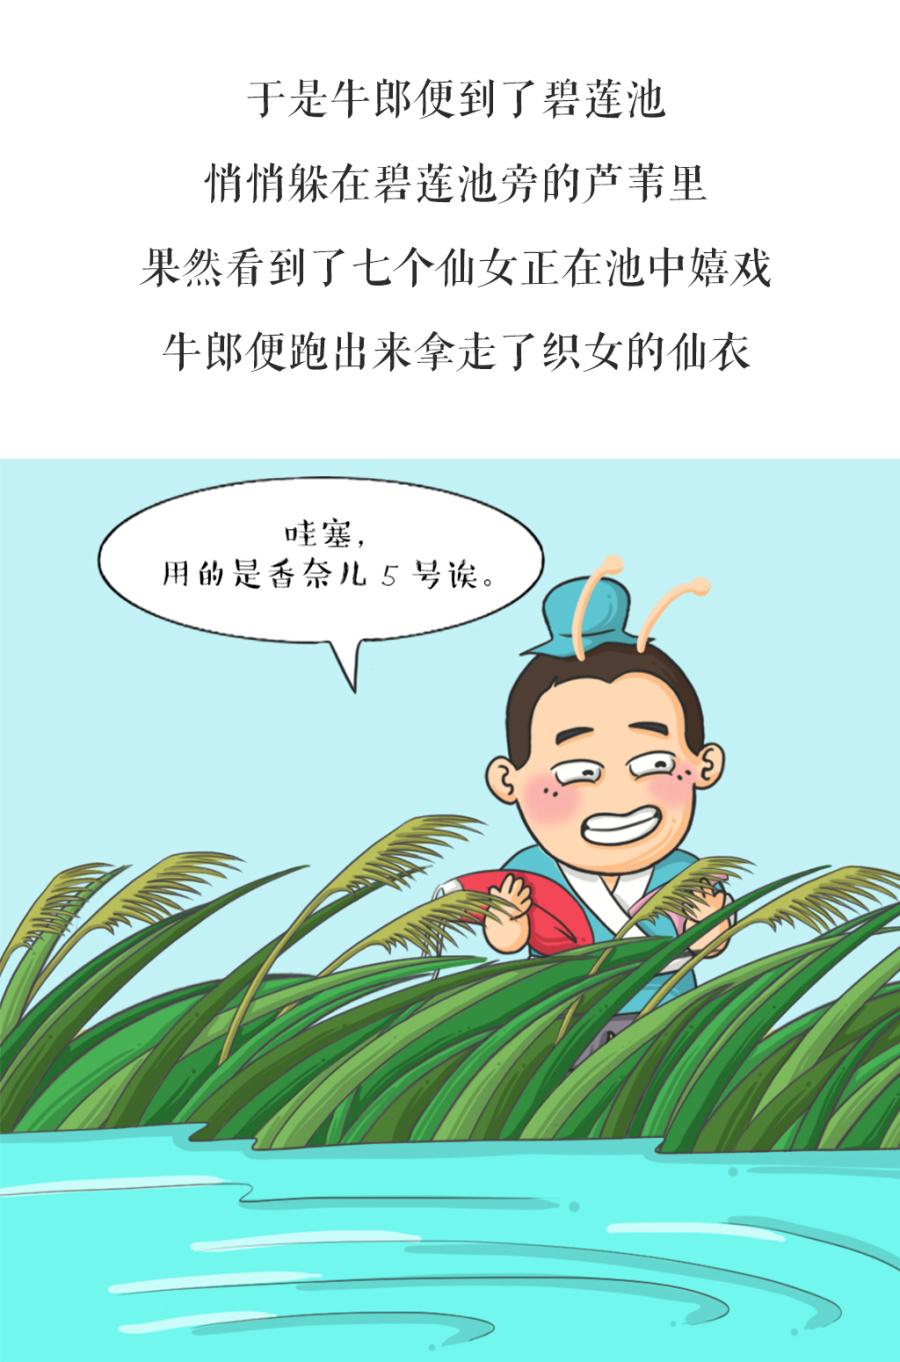 织女禅-牛郎之《长篇追漫画》|中/漫画蜗牛|偷窥漫画类图片